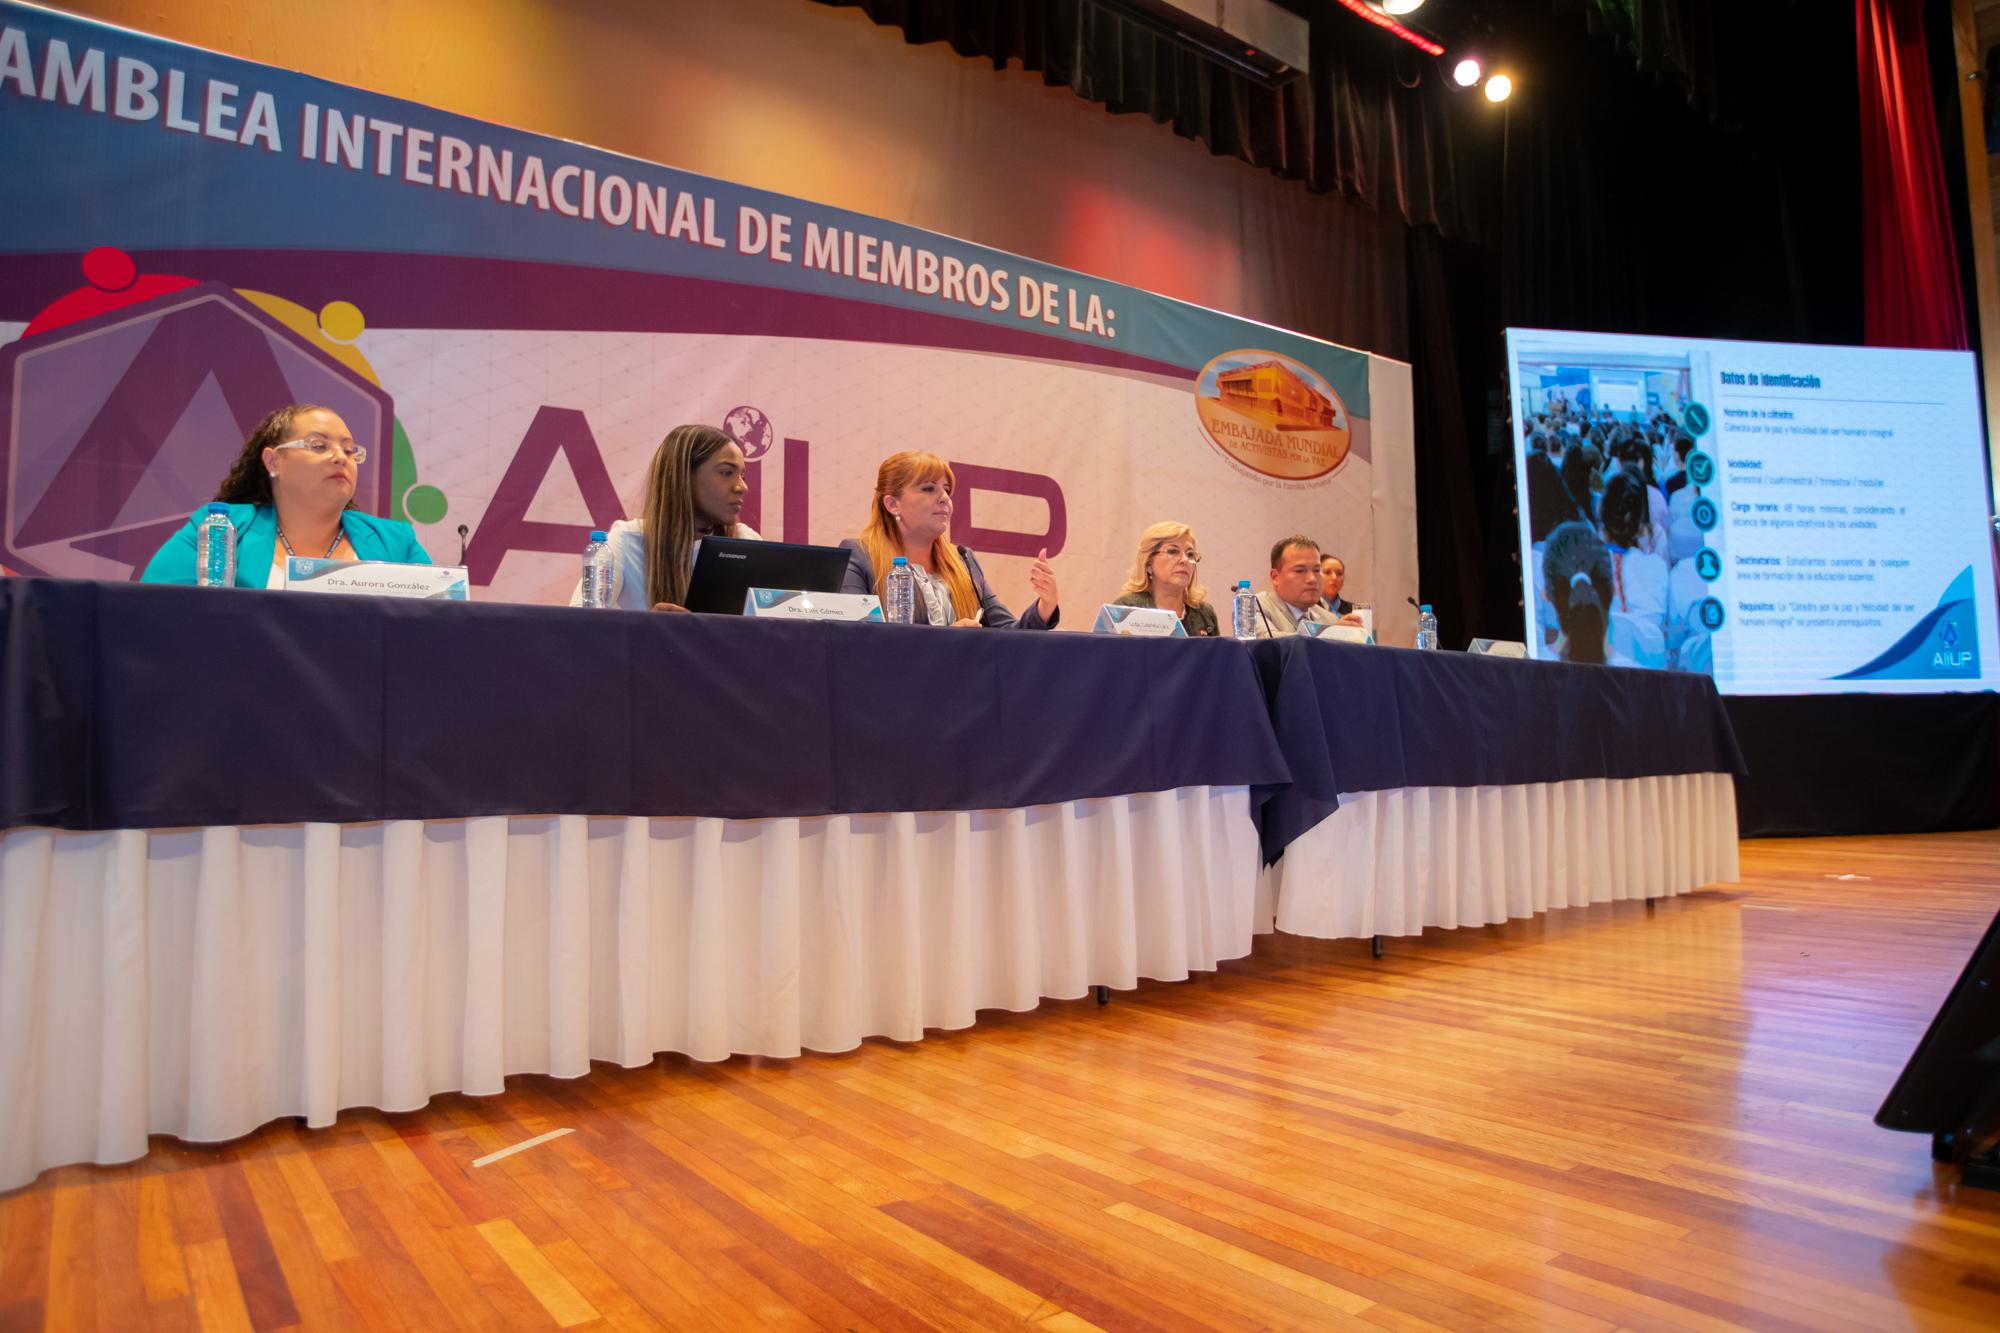 CÁtedra Por La Paz: EMAP Presenta La Cátedra Por La Paz En La II Asamblea